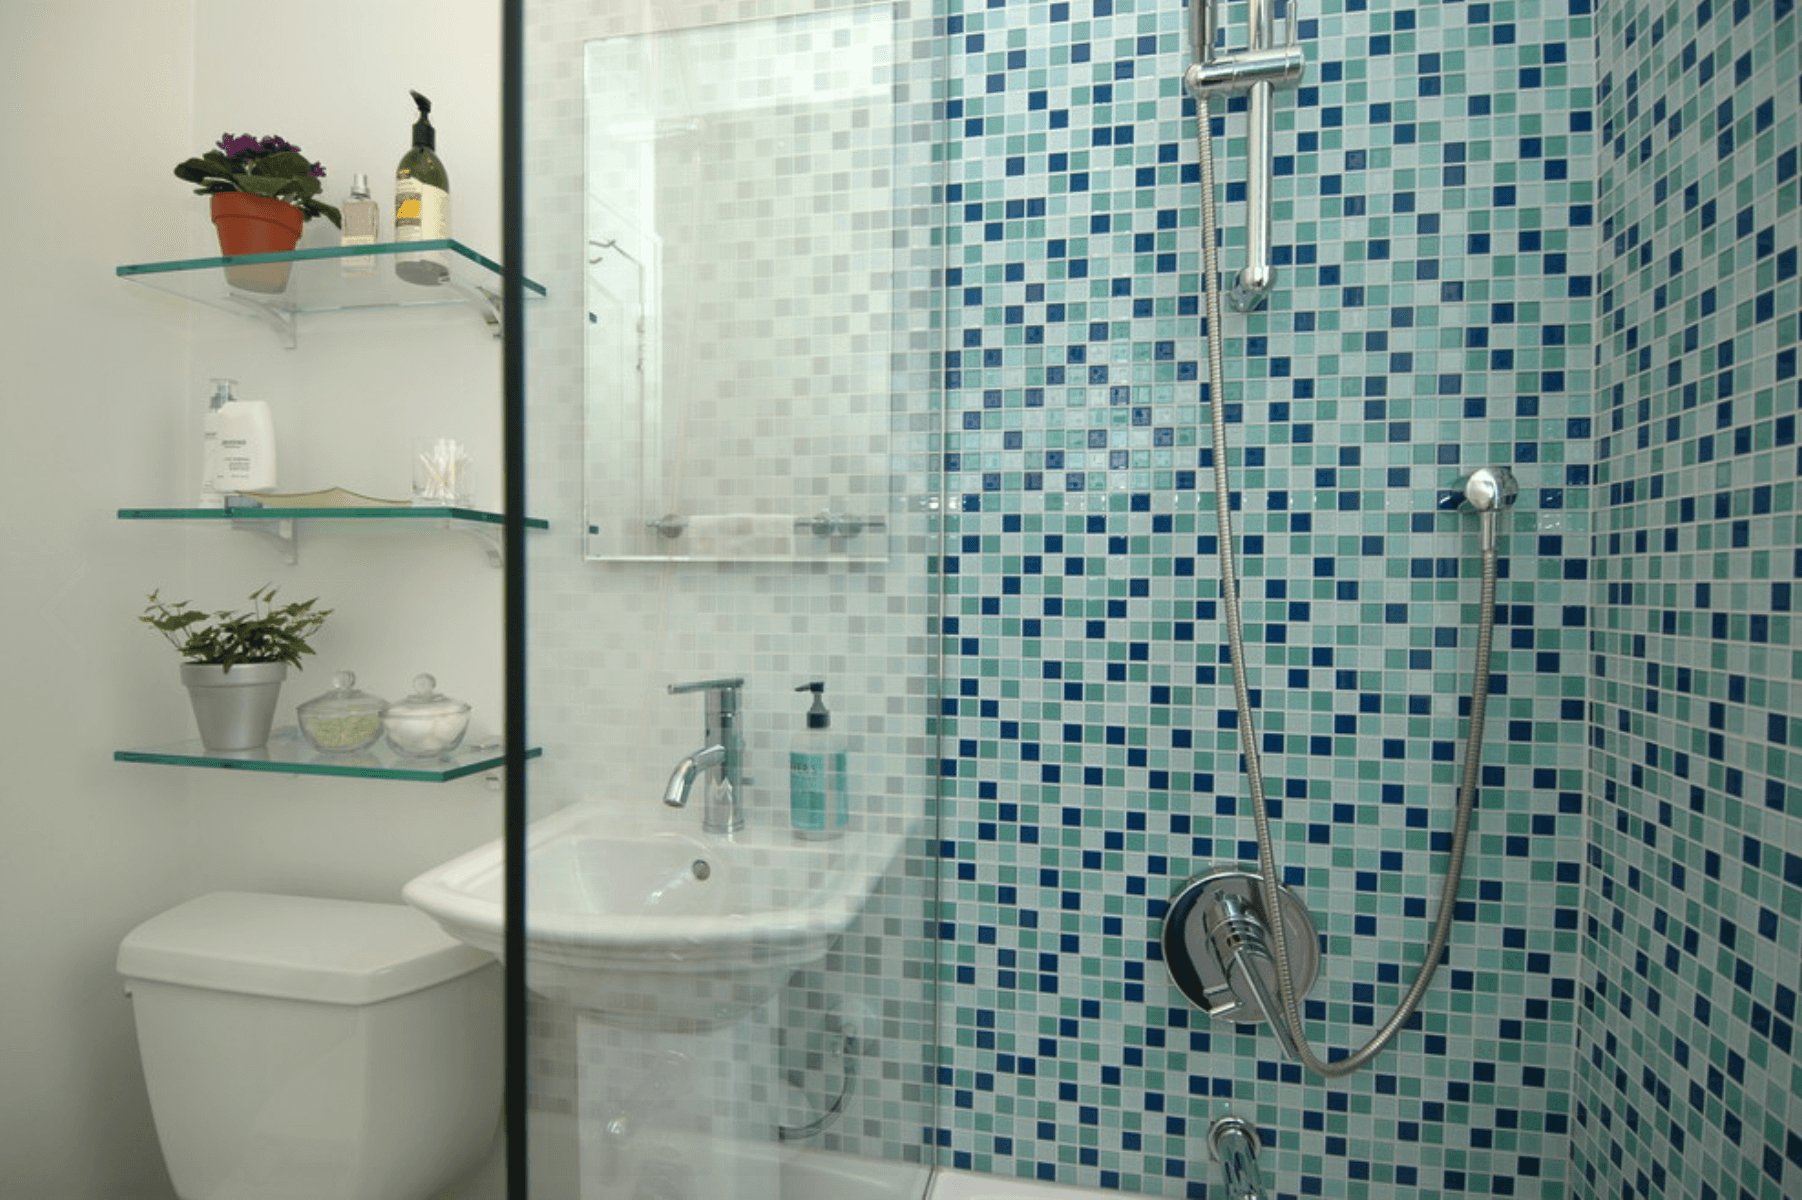 25 Modelos De Banheiros Pequenos Com Pastilhas A Tend&234ncia Da #24495F 1802x1200 Banheiro Branco Com Faixa De Pastilha